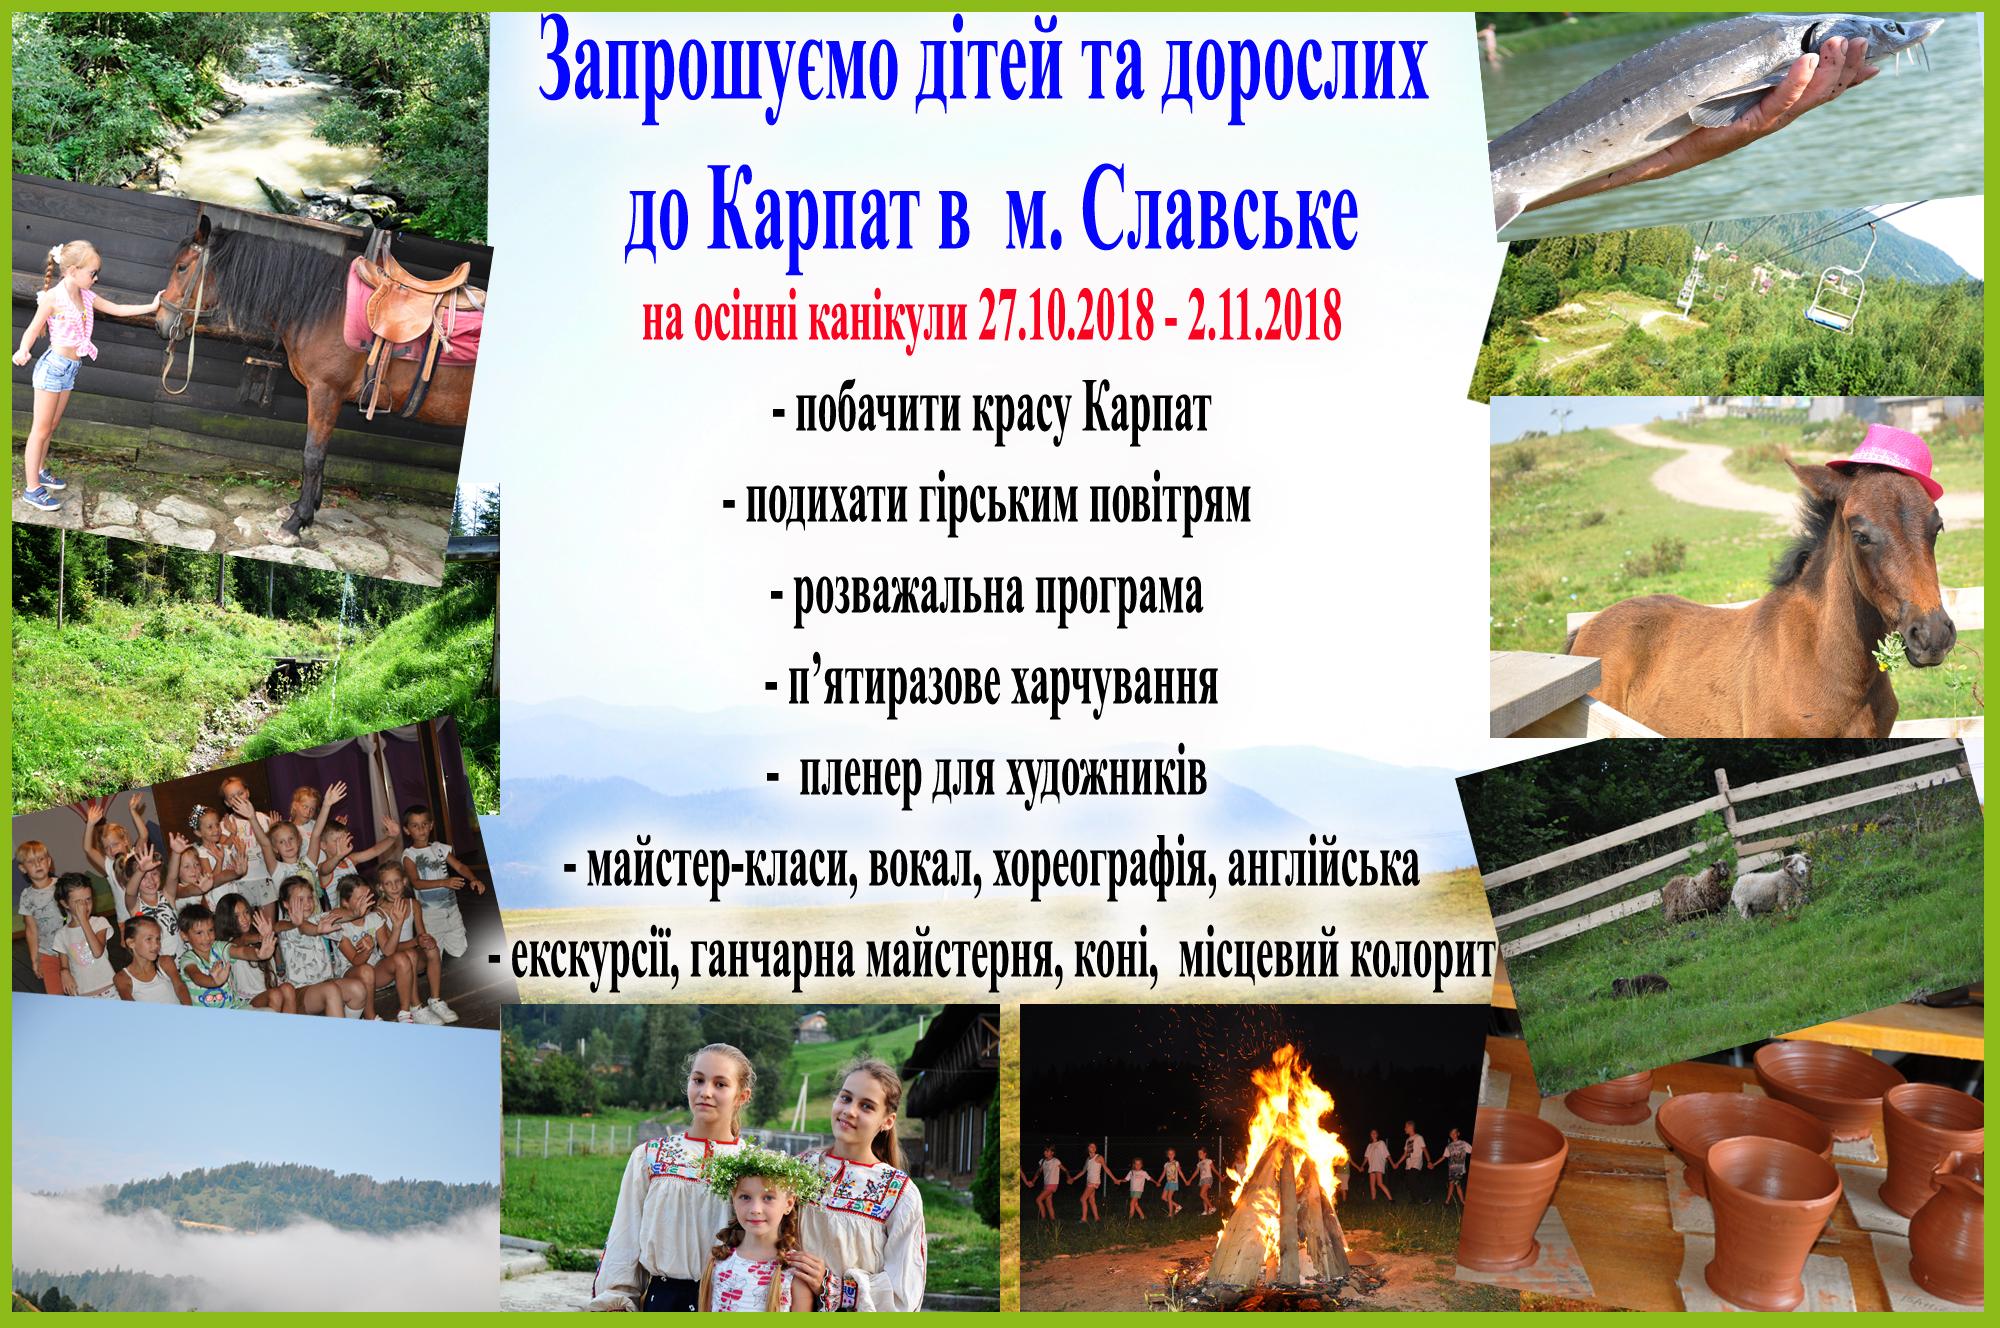 Відпочинок у Карпатах м. Славське